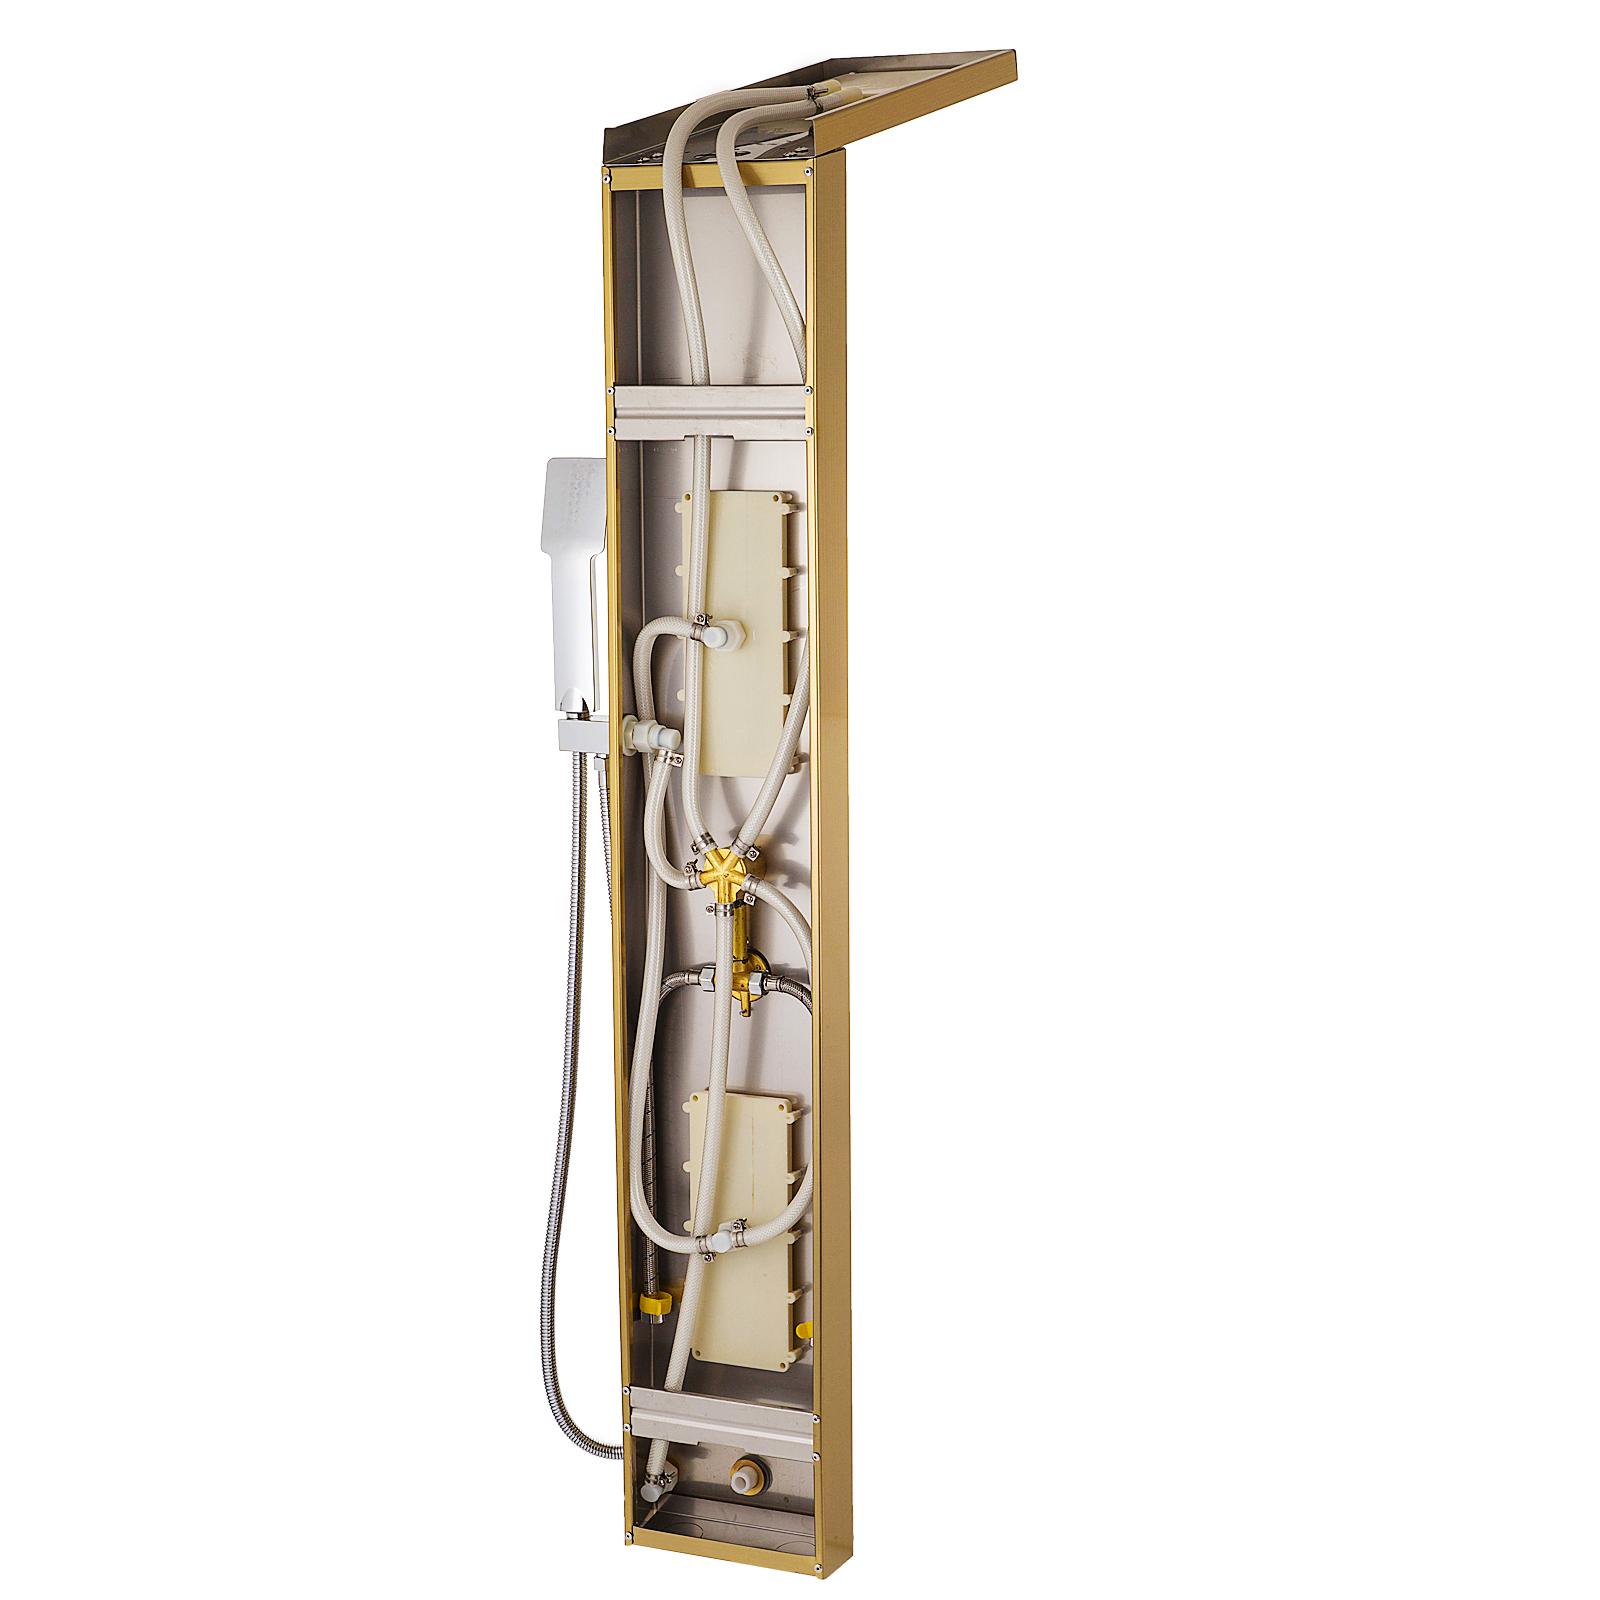 Pannello-doccia-idromassaggio-colonna-in-acciaio-inossidabile-con-miscelatore miniatura 89